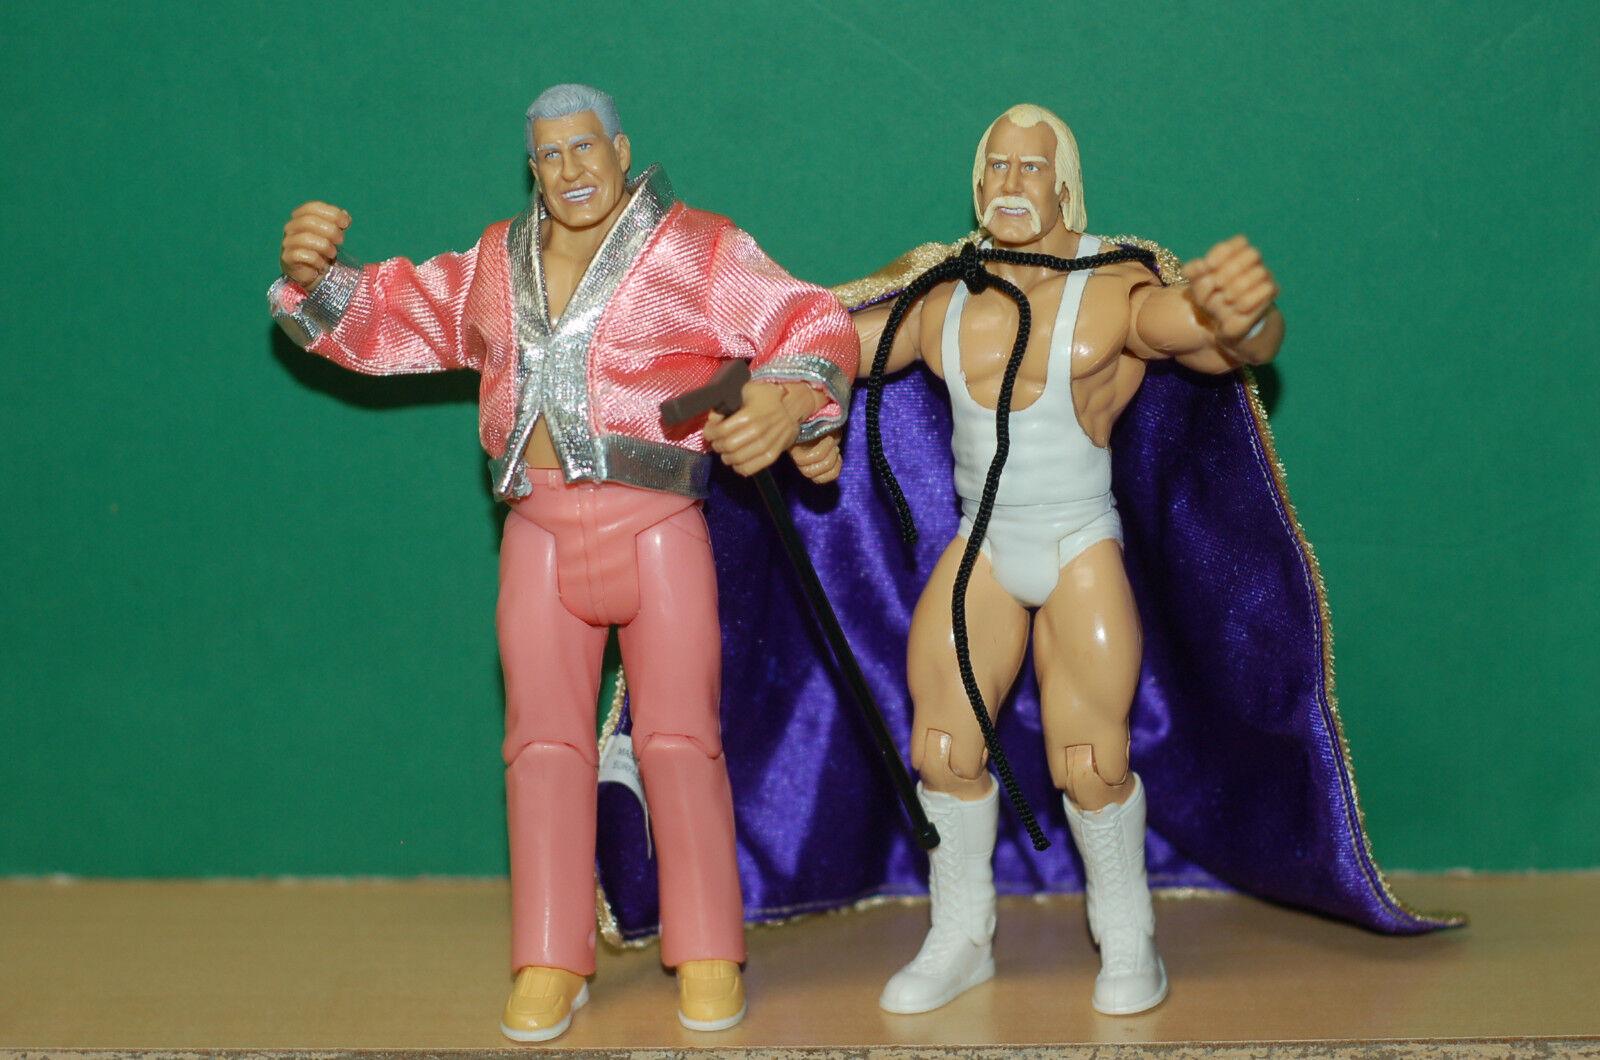 WWE WWF Classic Superstars Hulk Hogan Freddie Blassie wrestling figure lot Jakks